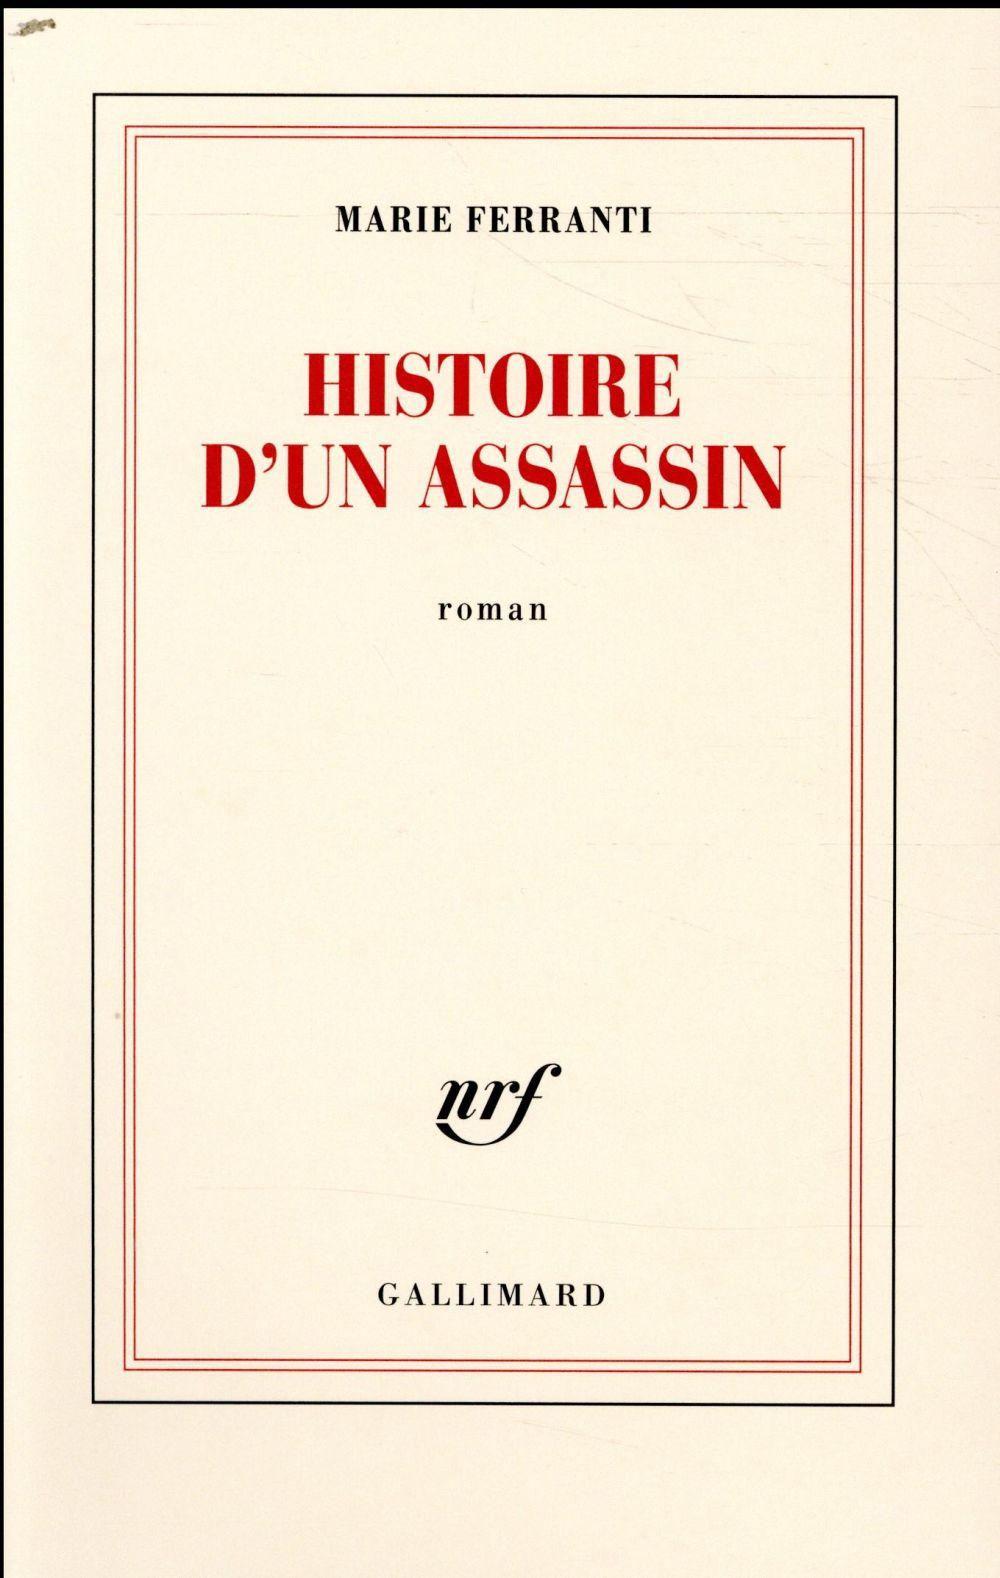 HISTOIRE D'UN ASSASSIN